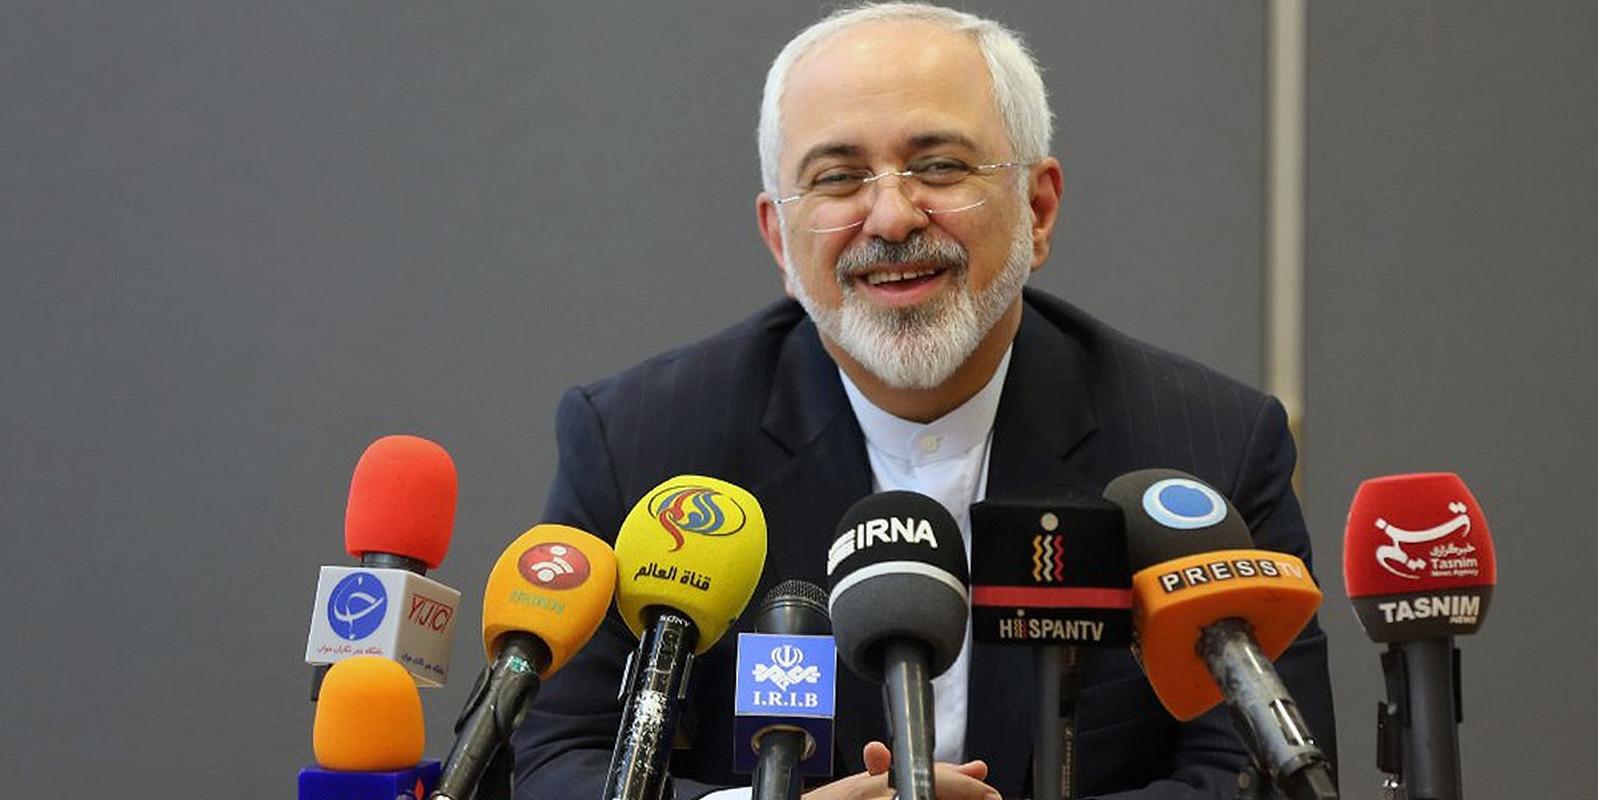 توافق هستهای باعث تعامل بیشتر و همگرایی بیشتر خواهد شد / ایران یک فرصت سرمایهگذاری است